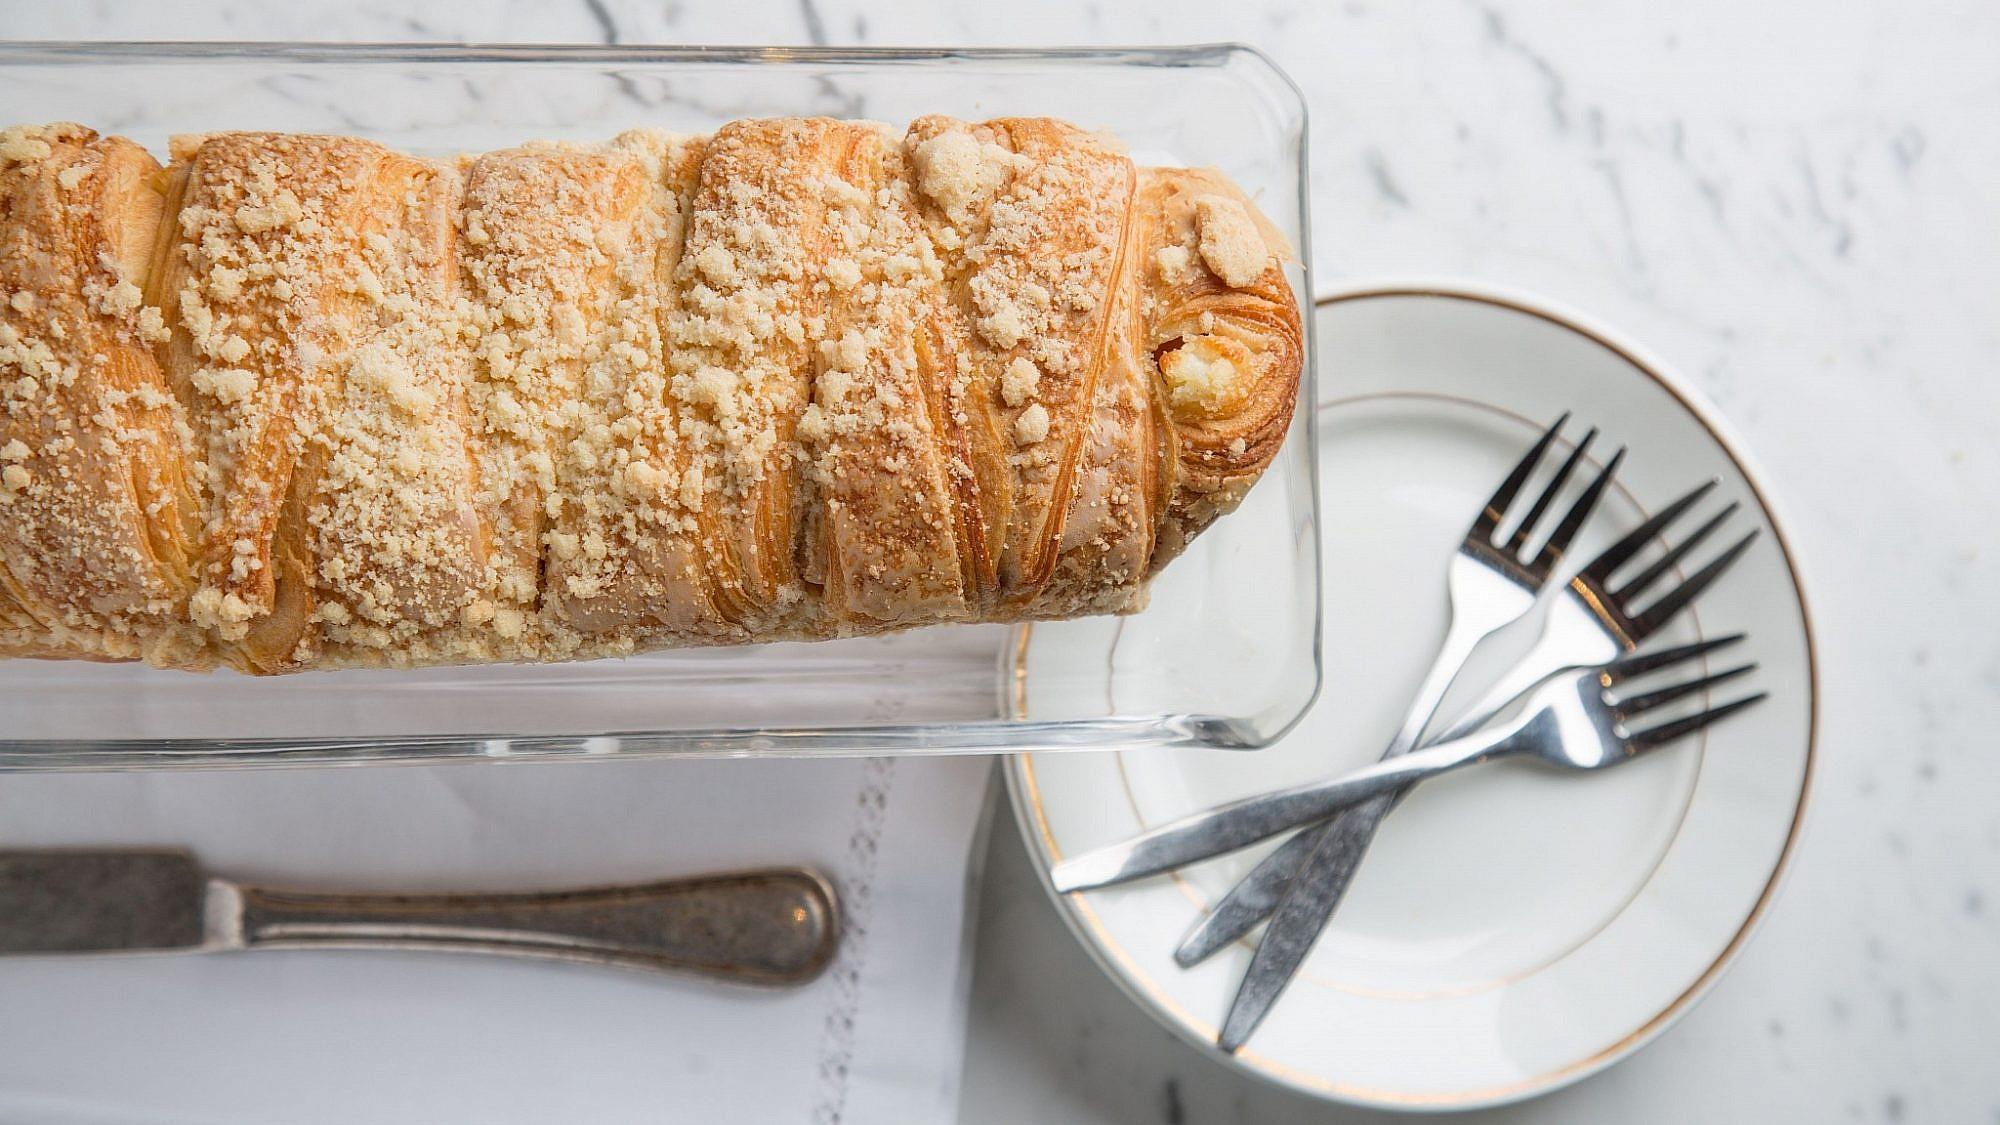 עוגת שמרים בבייקרי. צילום: עידית בן אוליאל